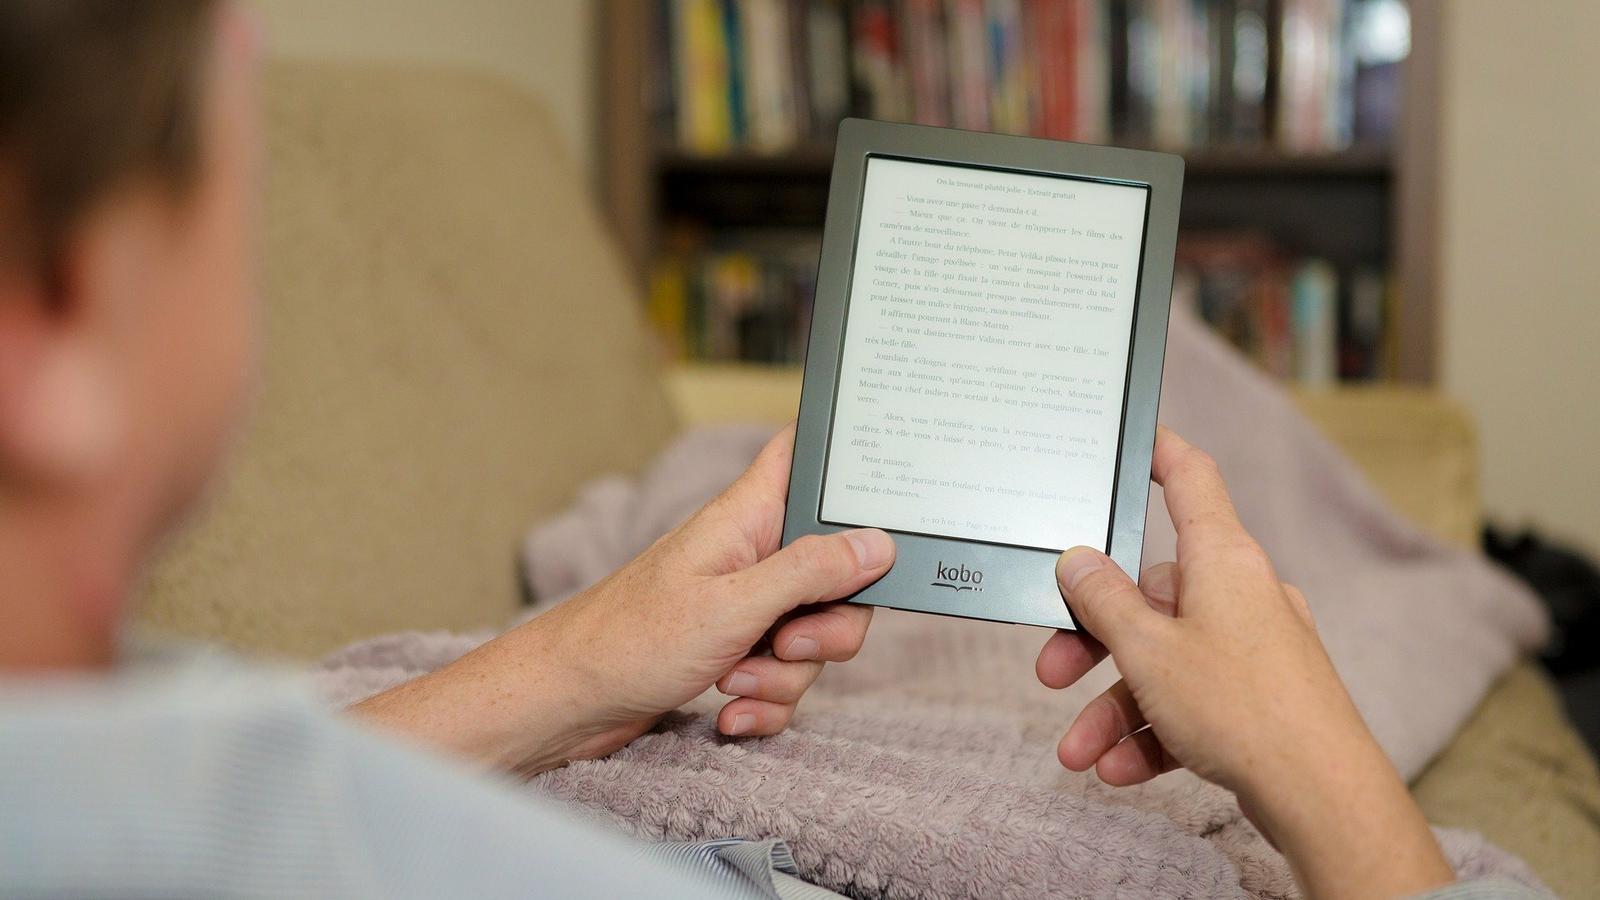 Els préstecs de llibres digitals es disparen a Balears